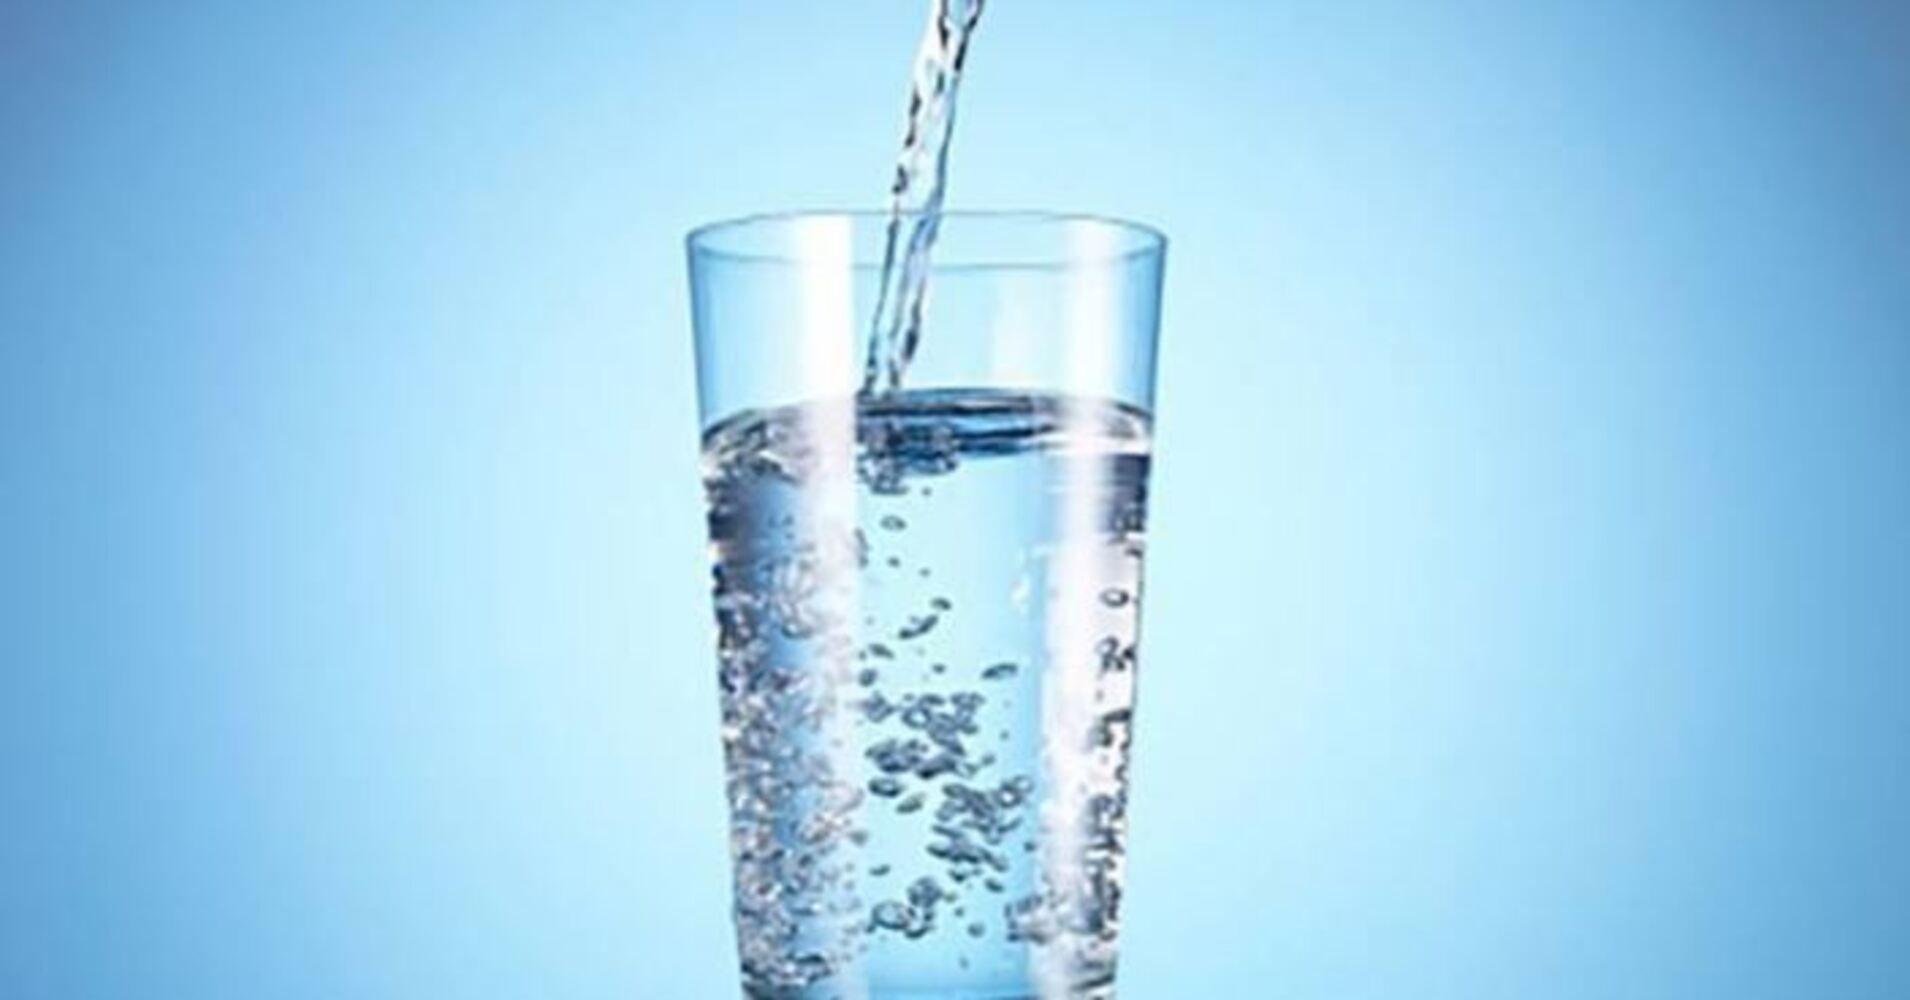 https: img.okezone.com content 2019 05 18 481 2057295 manfaat-air-hidrogen-untuk-kesehatan-pembuluh-darah-uOptZ6apxl.jpg